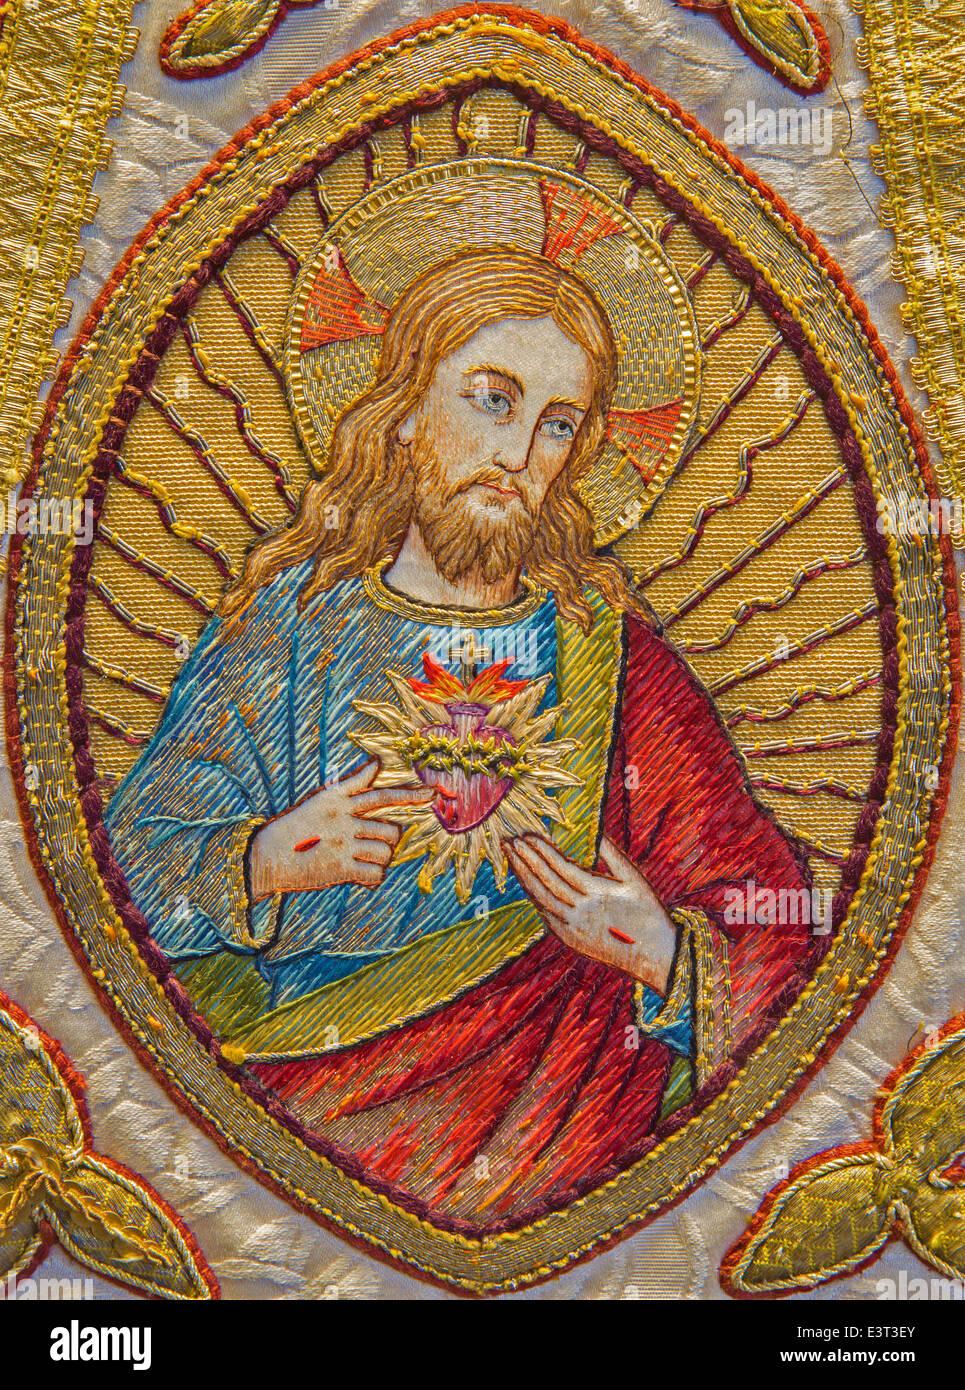 Brujas - La Needelwork de Jesucristo en el corazón robó como parte de viejas católicas casulla en Santa Walburga Foto de stock